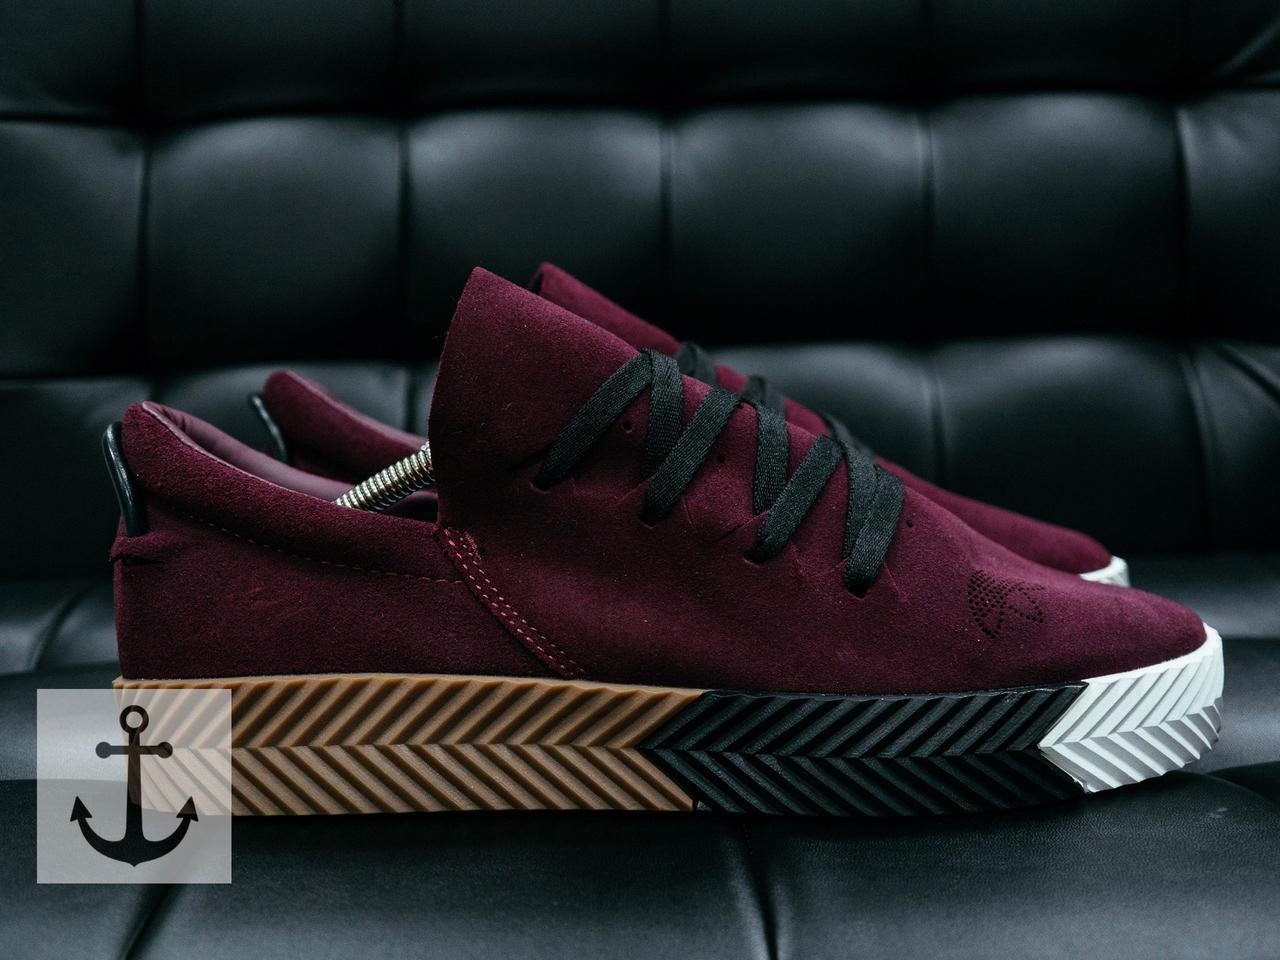 Кроссовки Adidas Wang (burgundy)  продажа, цена в Виннице. кроссовки ... 8d7a43123a0